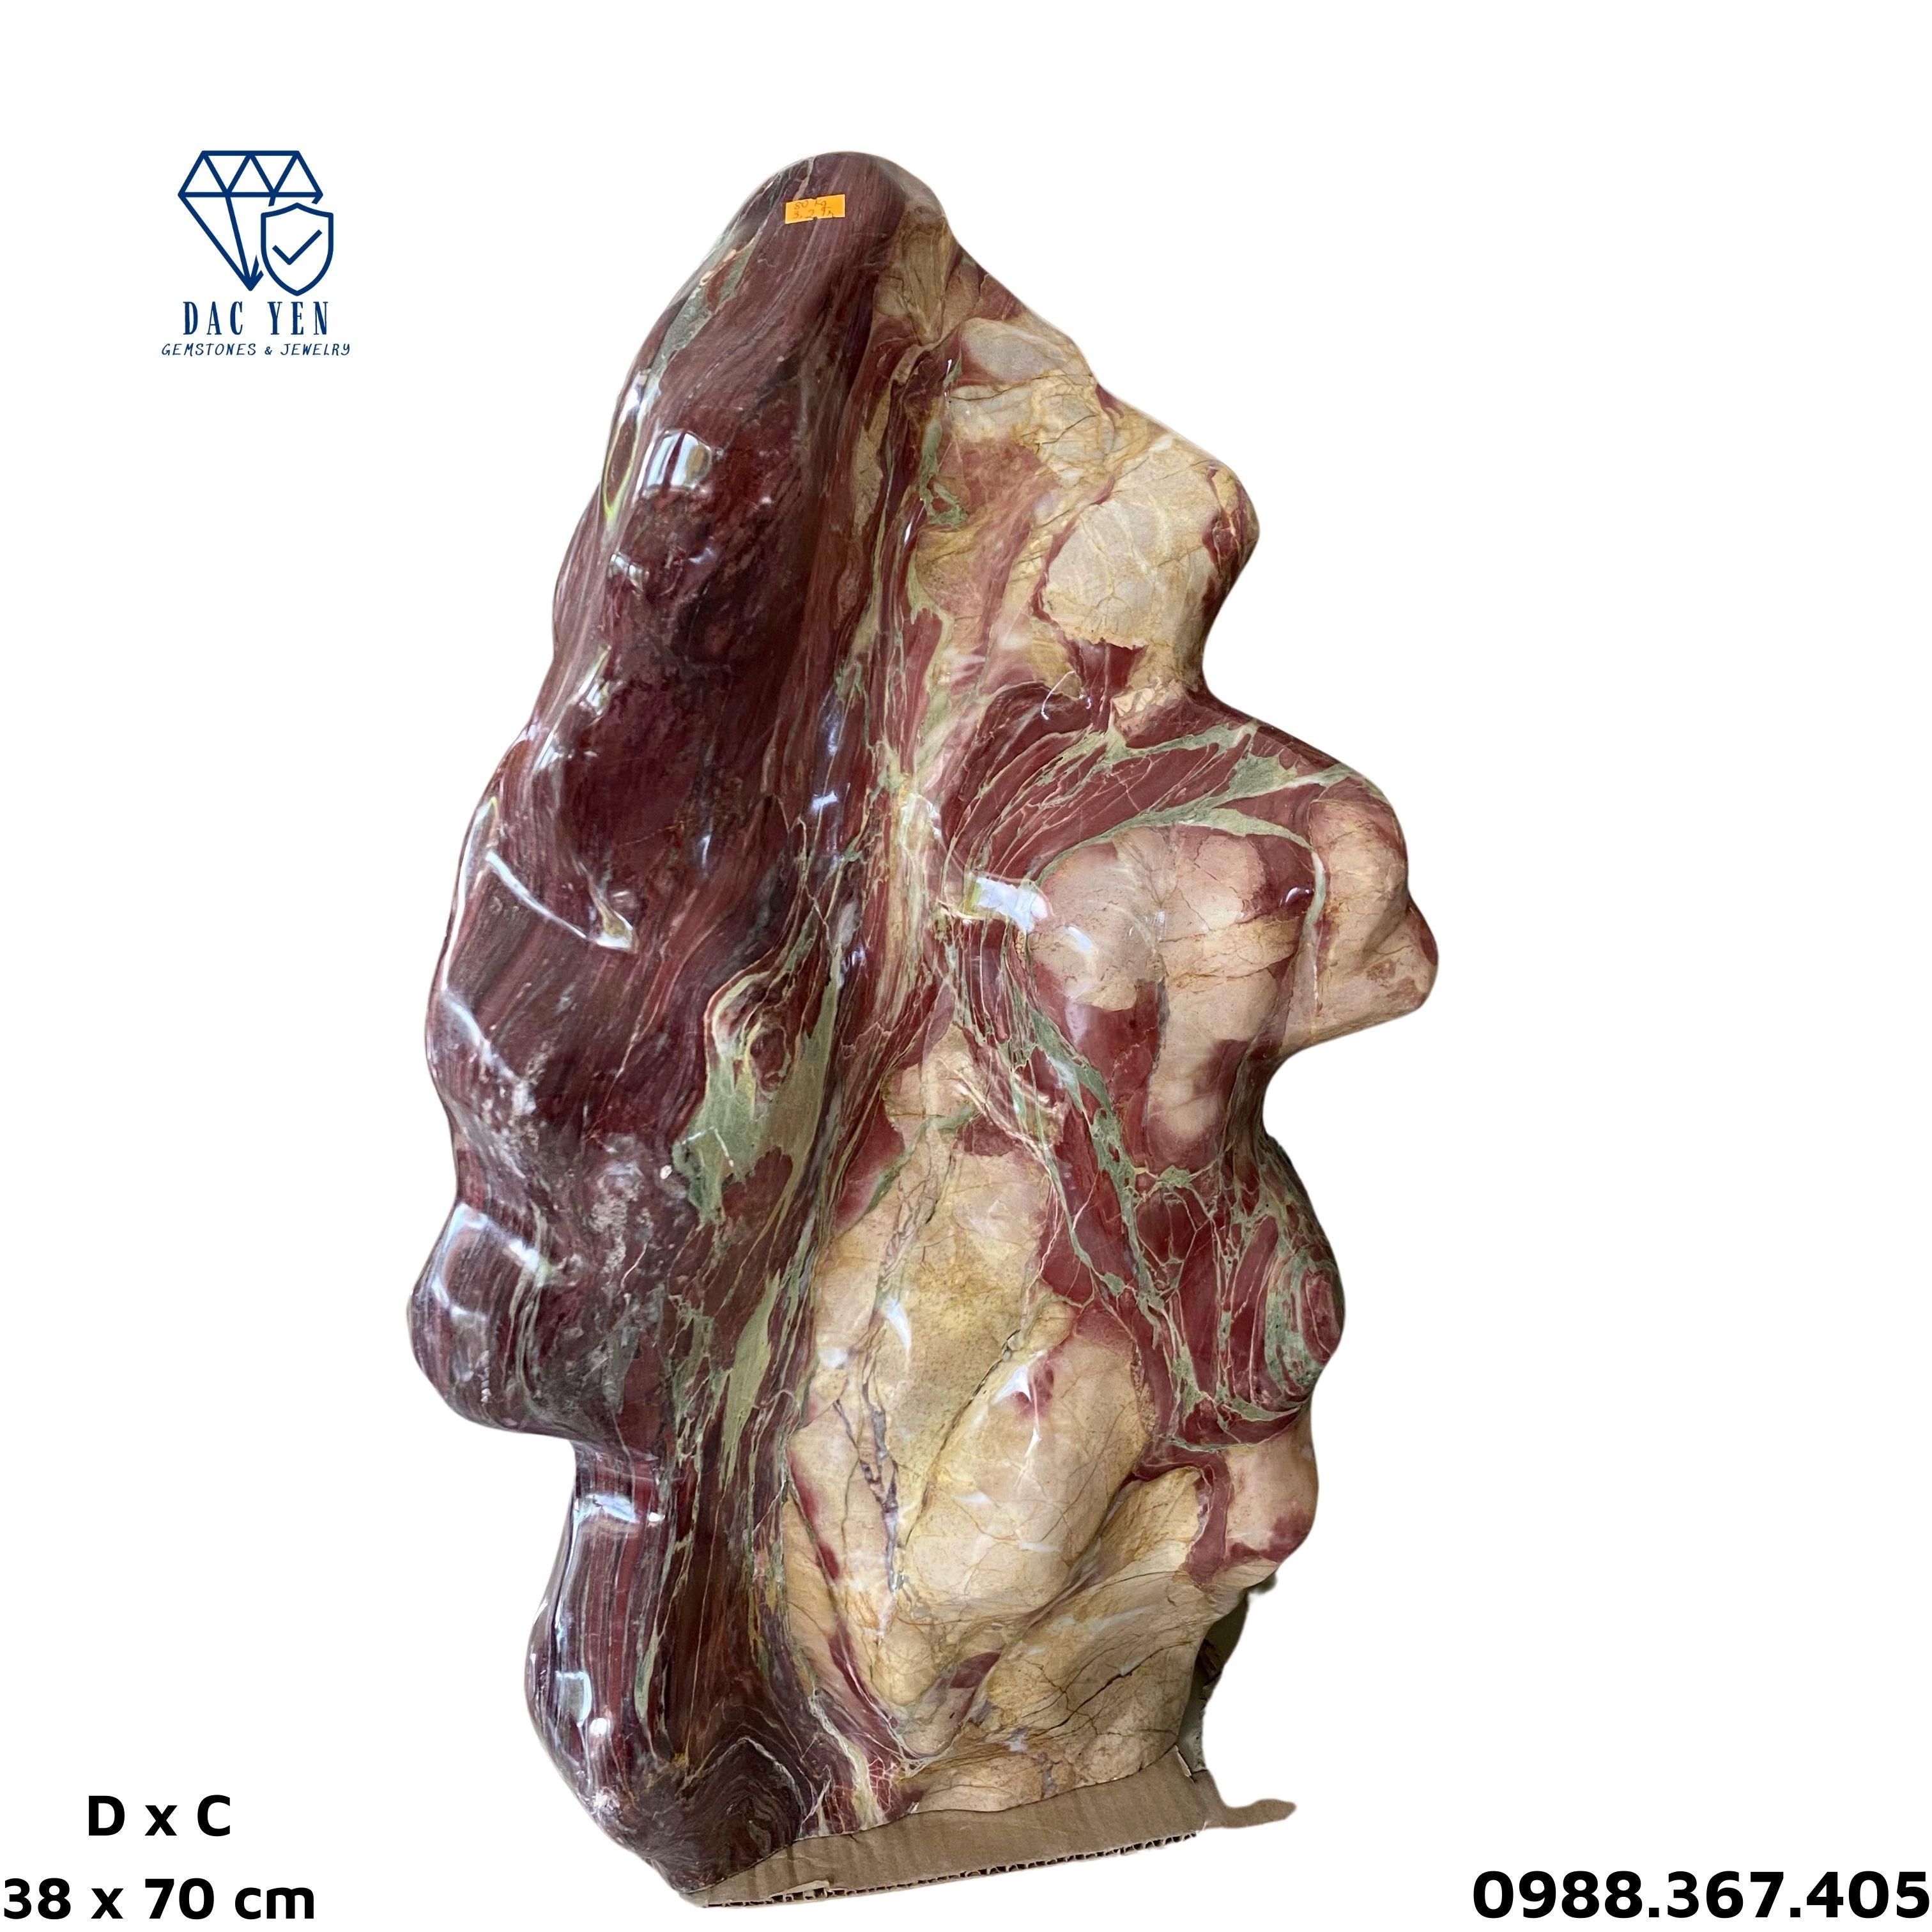 Cây đá ngũ sắc, đá cảnh, đá phong thủy trấn trạch, đá ngọc tự nhiên